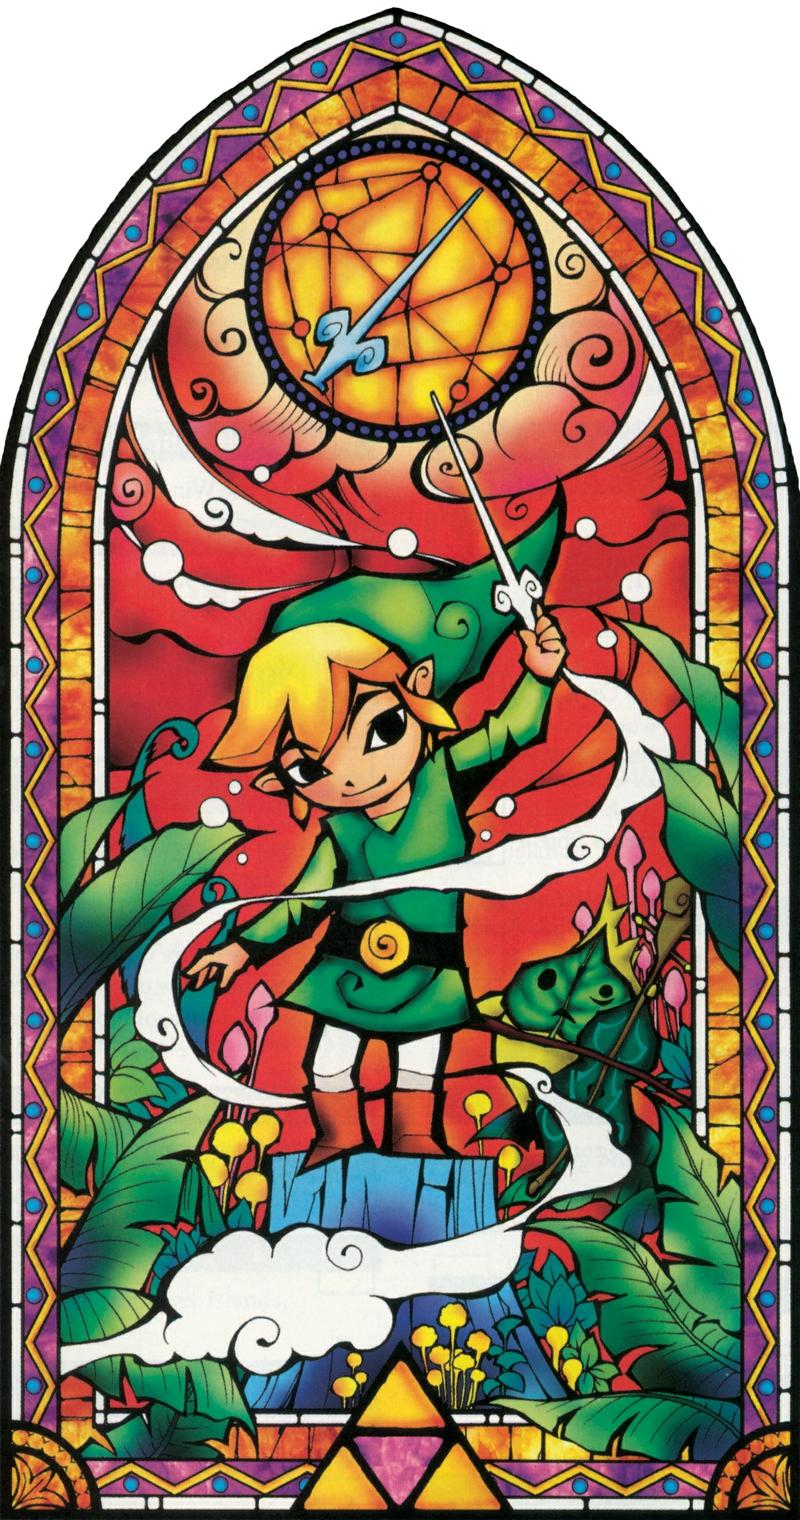 link toon the legend of zelda 1249x2374 wallpaper Video Games Zelda HD 800x1520